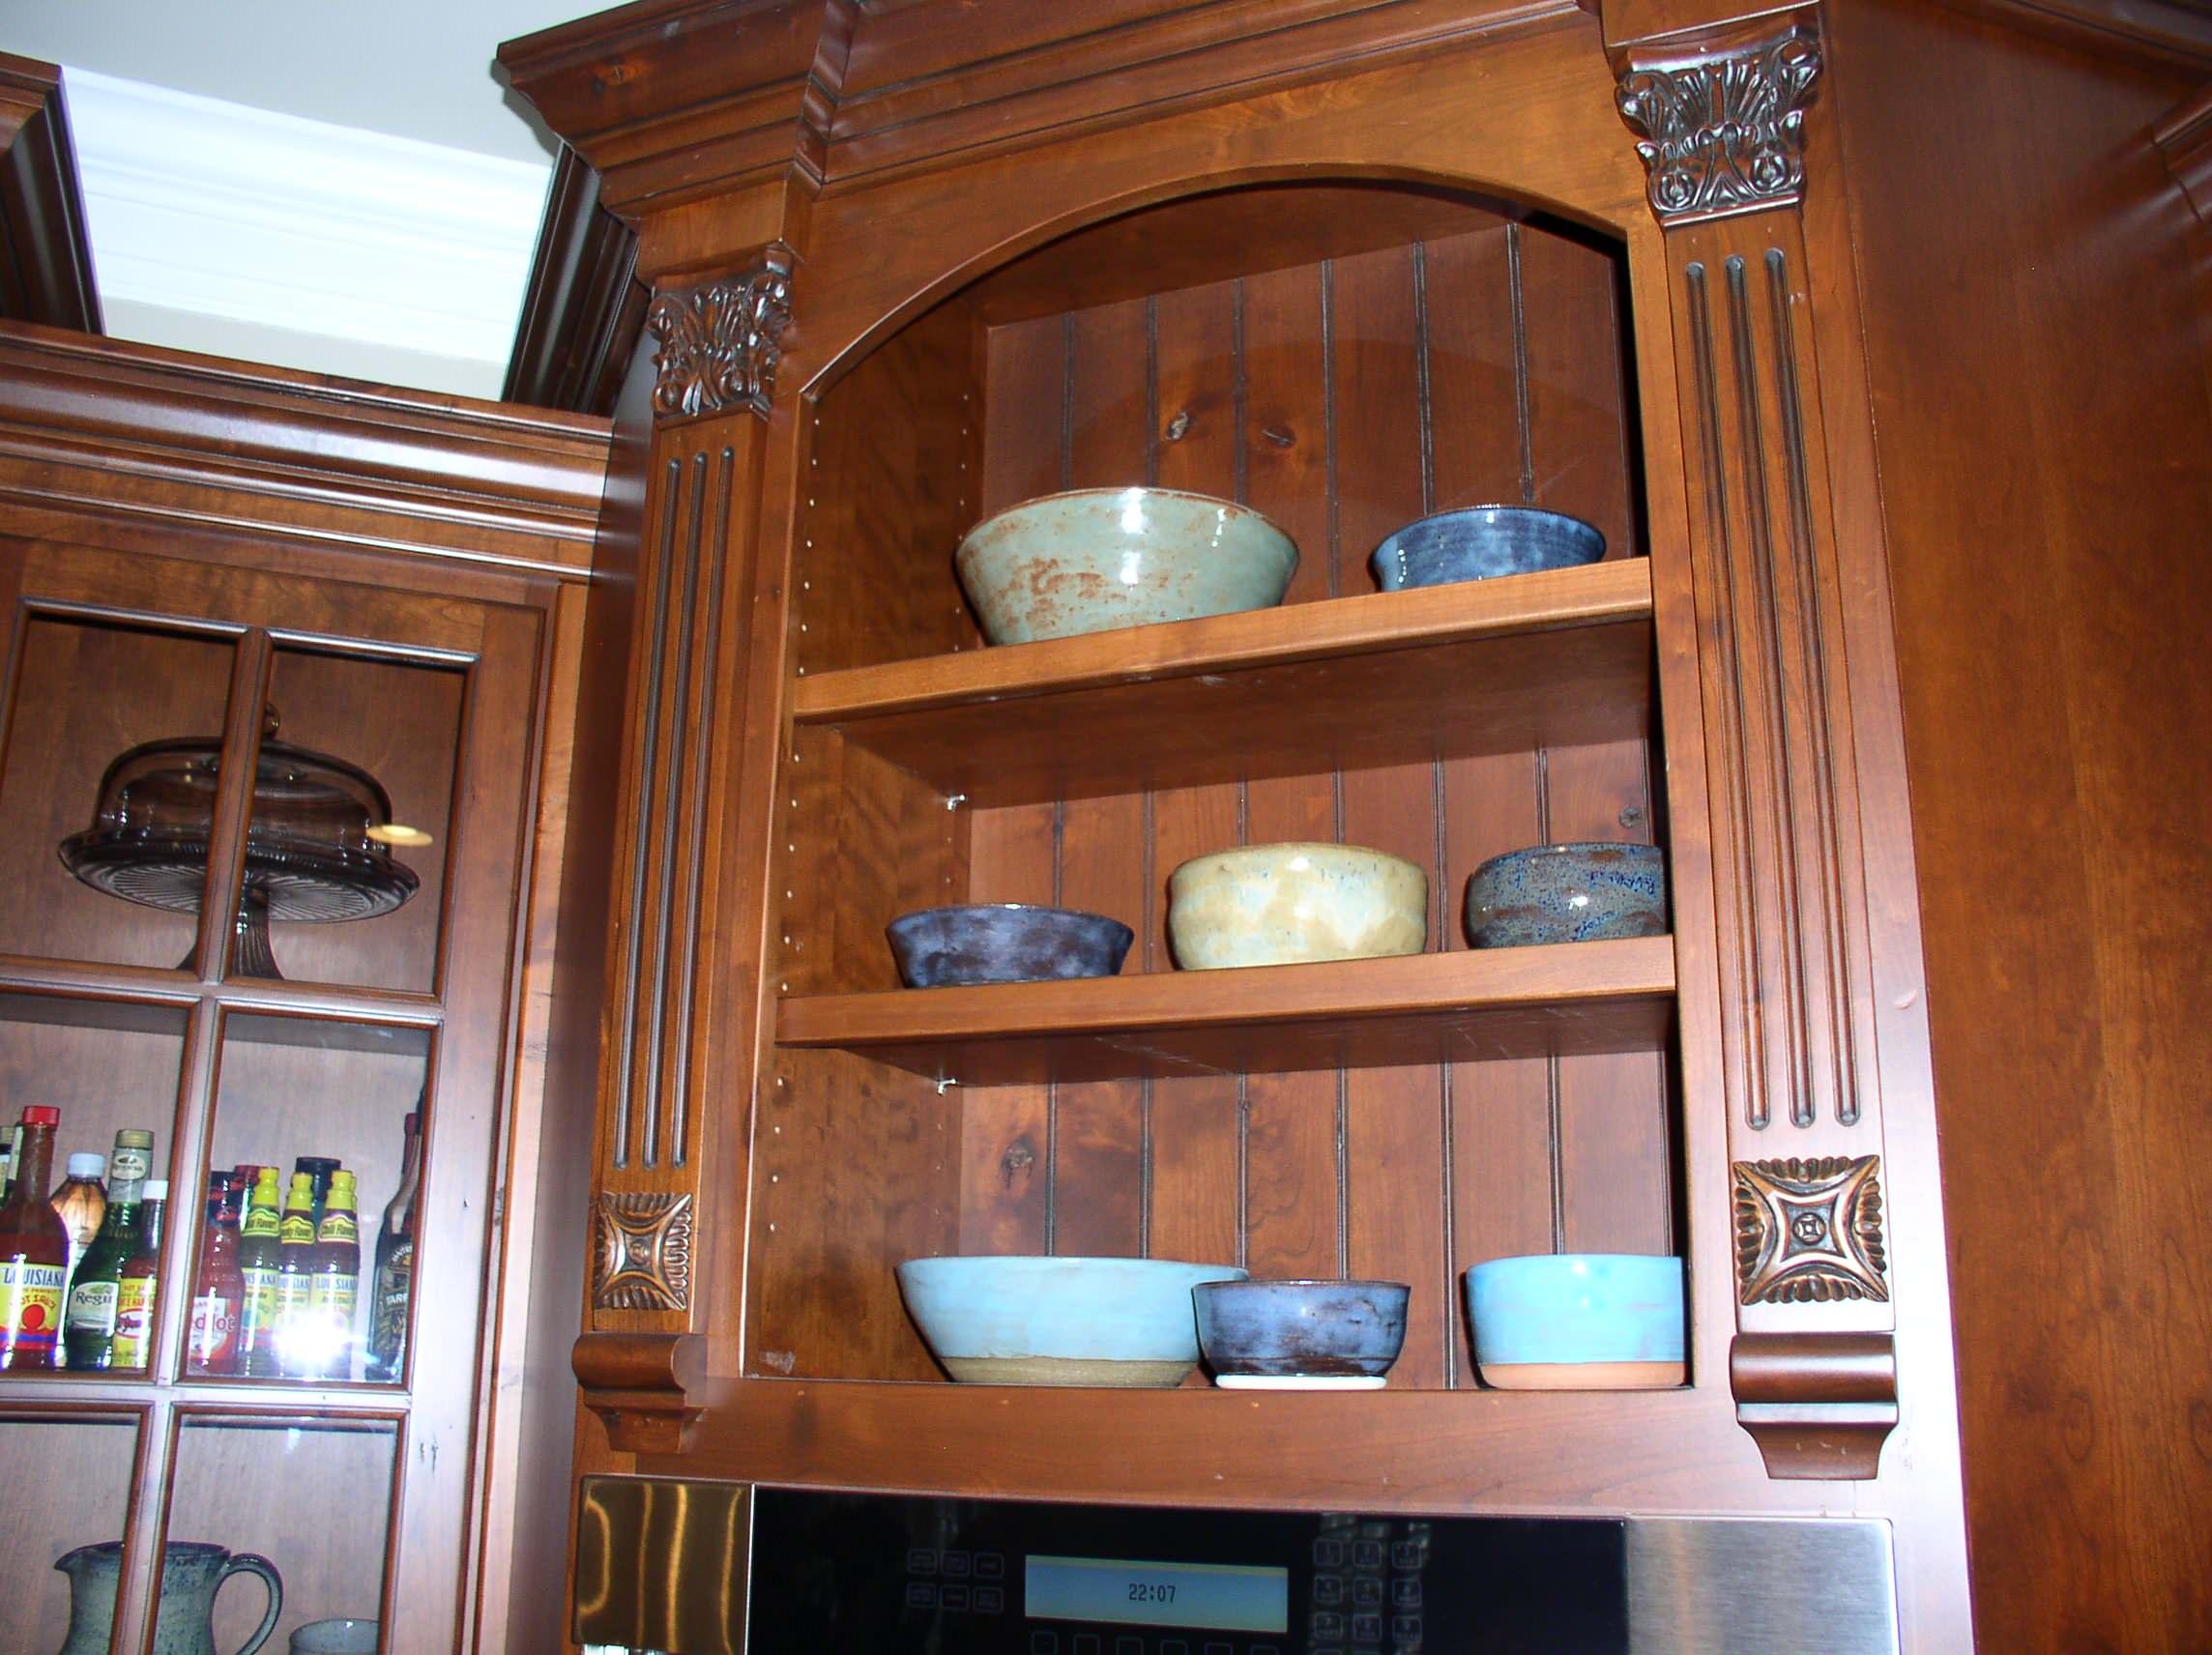 Dunn Kitchen & Bath